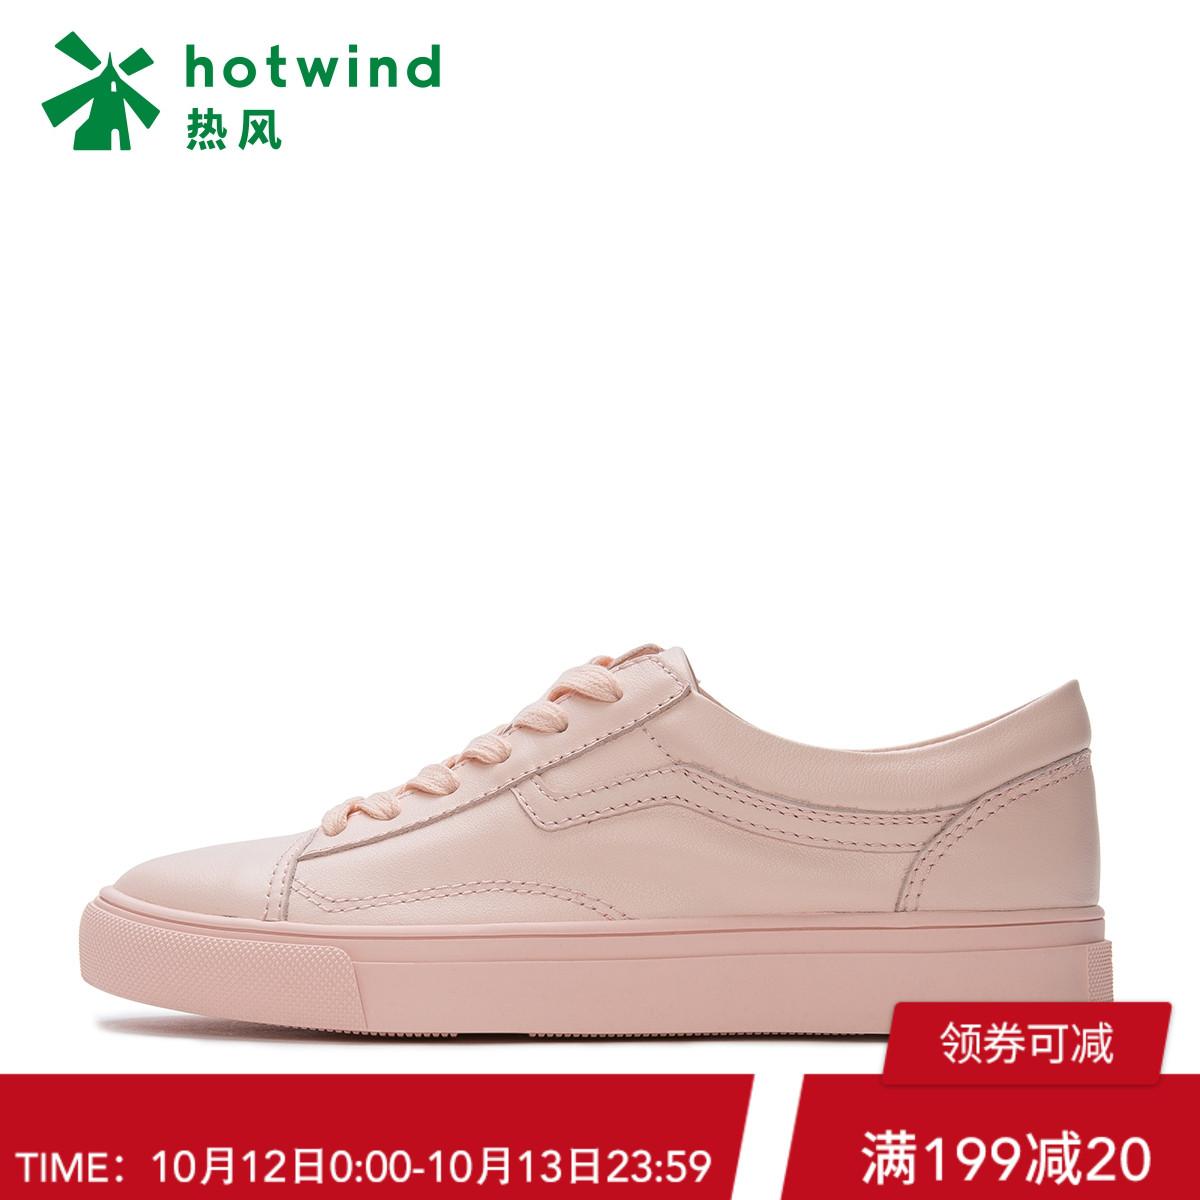 热风2018年秋款小白鞋系带女士休闲鞋深口平底百搭板鞋H13W8501